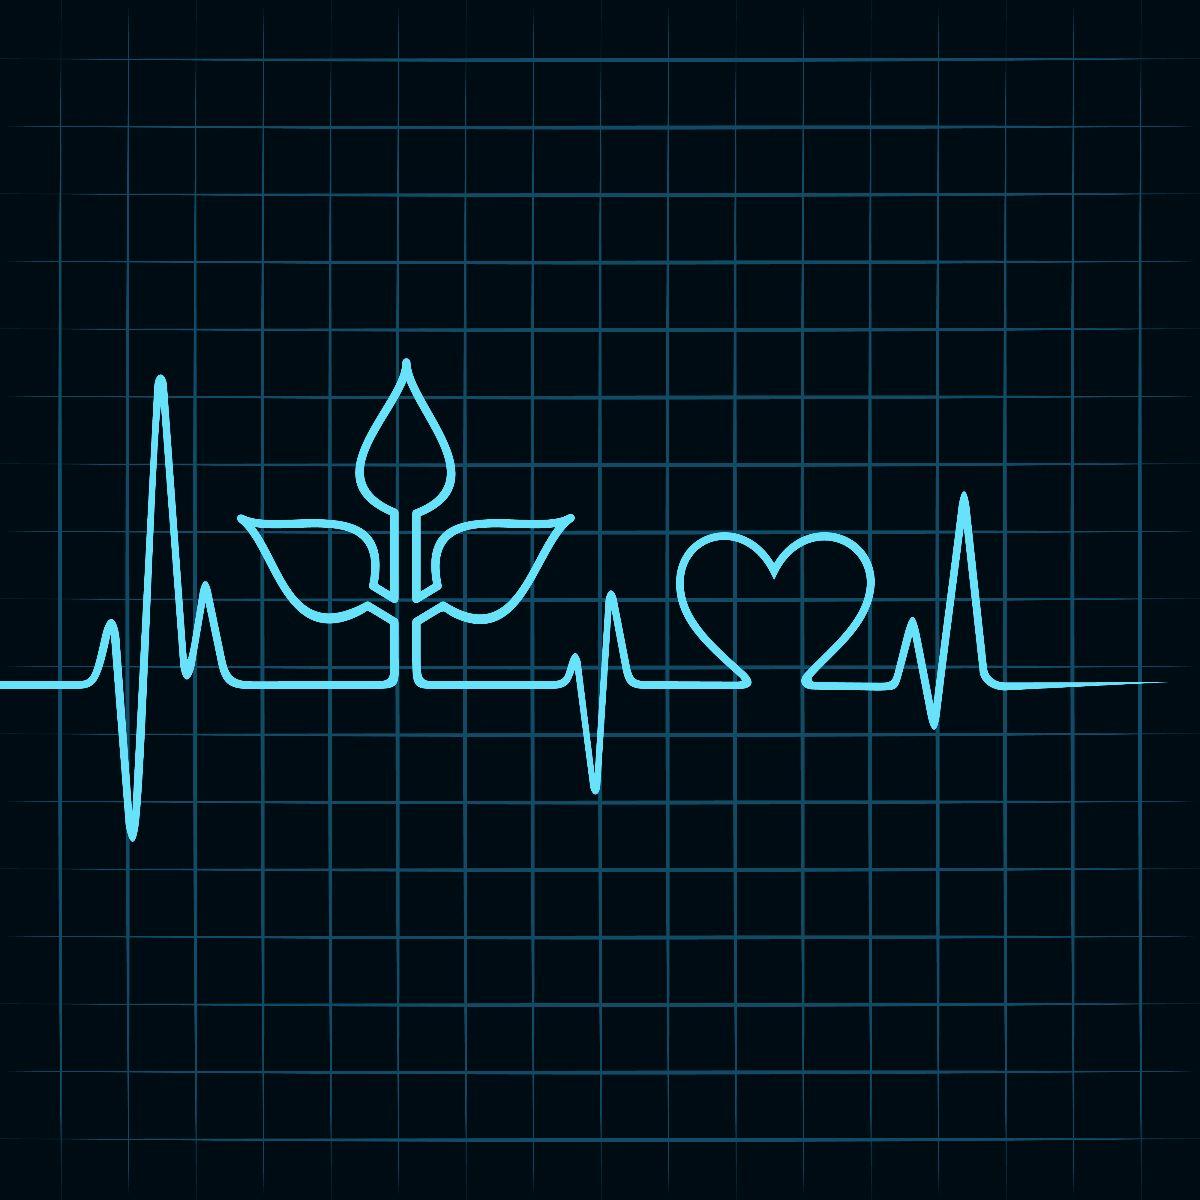 Electrocardigrama en forma de hoja y corazón